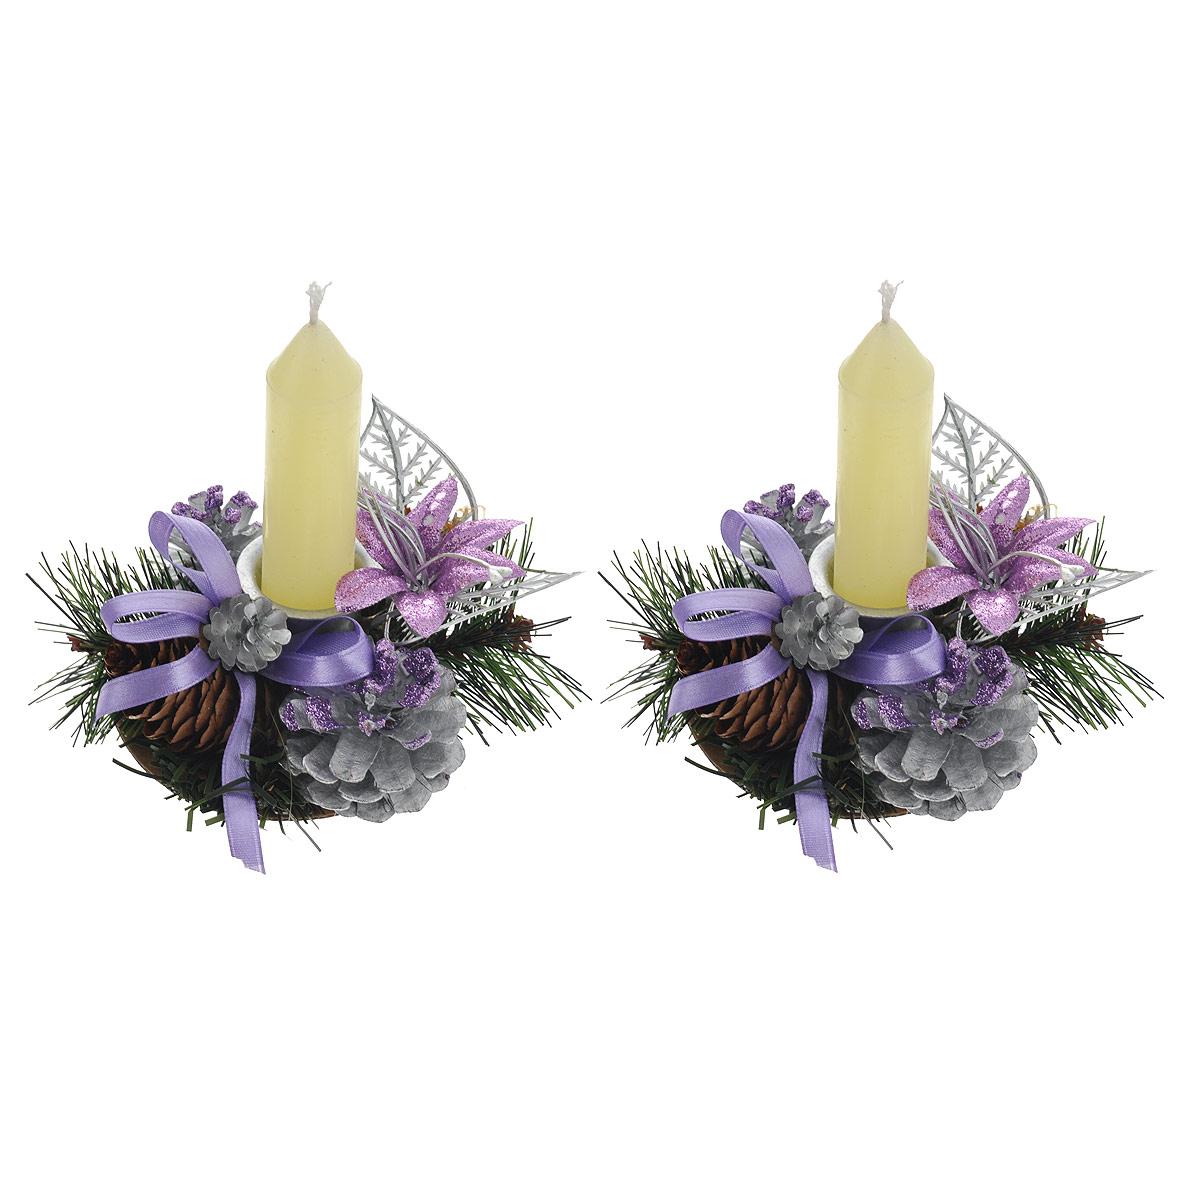 Набор подсвечников Sima-land Бантики, со свечами, цвет: фиолетовый, серебристый, 2 шт542662Набор Sima-land Бантики состоит из двух подсвечников, выполненных из металла. В набор так же входят две восковые свечи. Подсвечники представляют собой композицию из сосновых веточек с шишками, пластиковыми листьями, цветками и текстильными бантами. Композиция украшена блесками. Набор Sima-land Бантики украсит интерьер вашего дома или офиса в преддверии Нового года. Оригинальный дизайн и красочное исполнение создадут праздничное настроение. Диаметр отверстия для свечи: 2,5 см. Высота свечи (без учета фитиля): 8,5 см. Размер подсвечника: 10 см х 9 см х 4,5 см. Материалы: воск, металл, шишка натуральная, пластик, картон, пенопласт, текстиль.